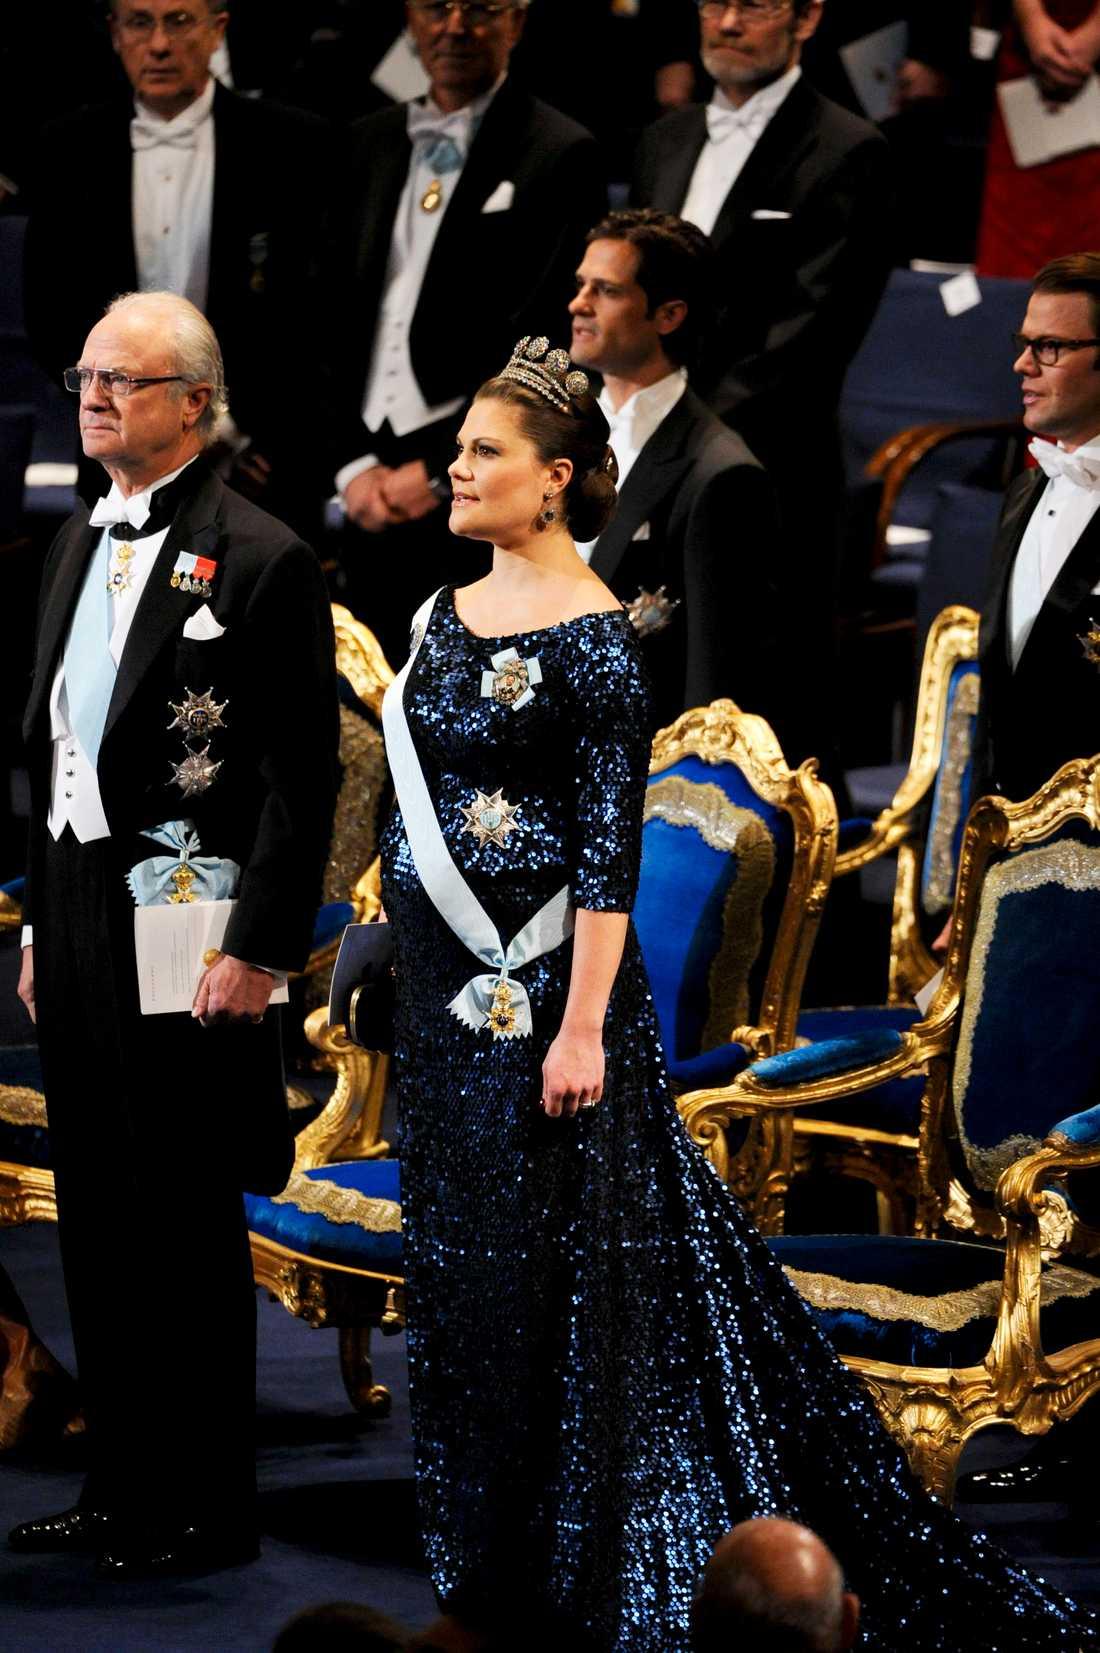 Så fick vi då äntligen skåda bulan rejält. Och i paljetter till på köpet. Kronprinsessan Victoria gör ett modigt och lite oväntat val. Jag är inte helt förtjust i snittet, tycker inte att urringningen är direkt fördelaktig. Men släpet, färgen (oerhört kunglig färg) och glittret är superhärligt att se. Vackra Vickan!